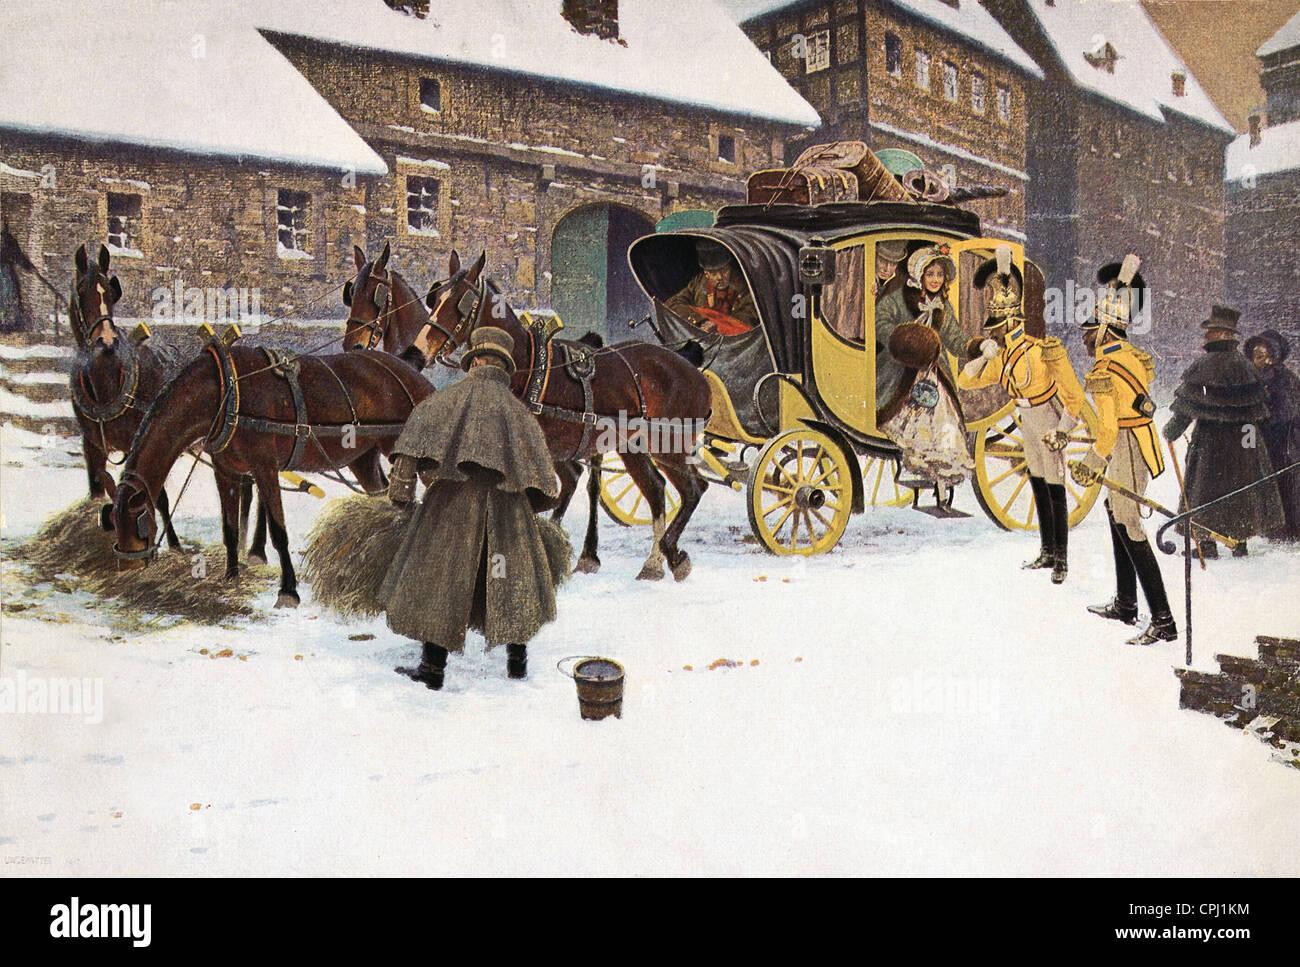 Stagecoach en el siglo XIX Imagen De Stock